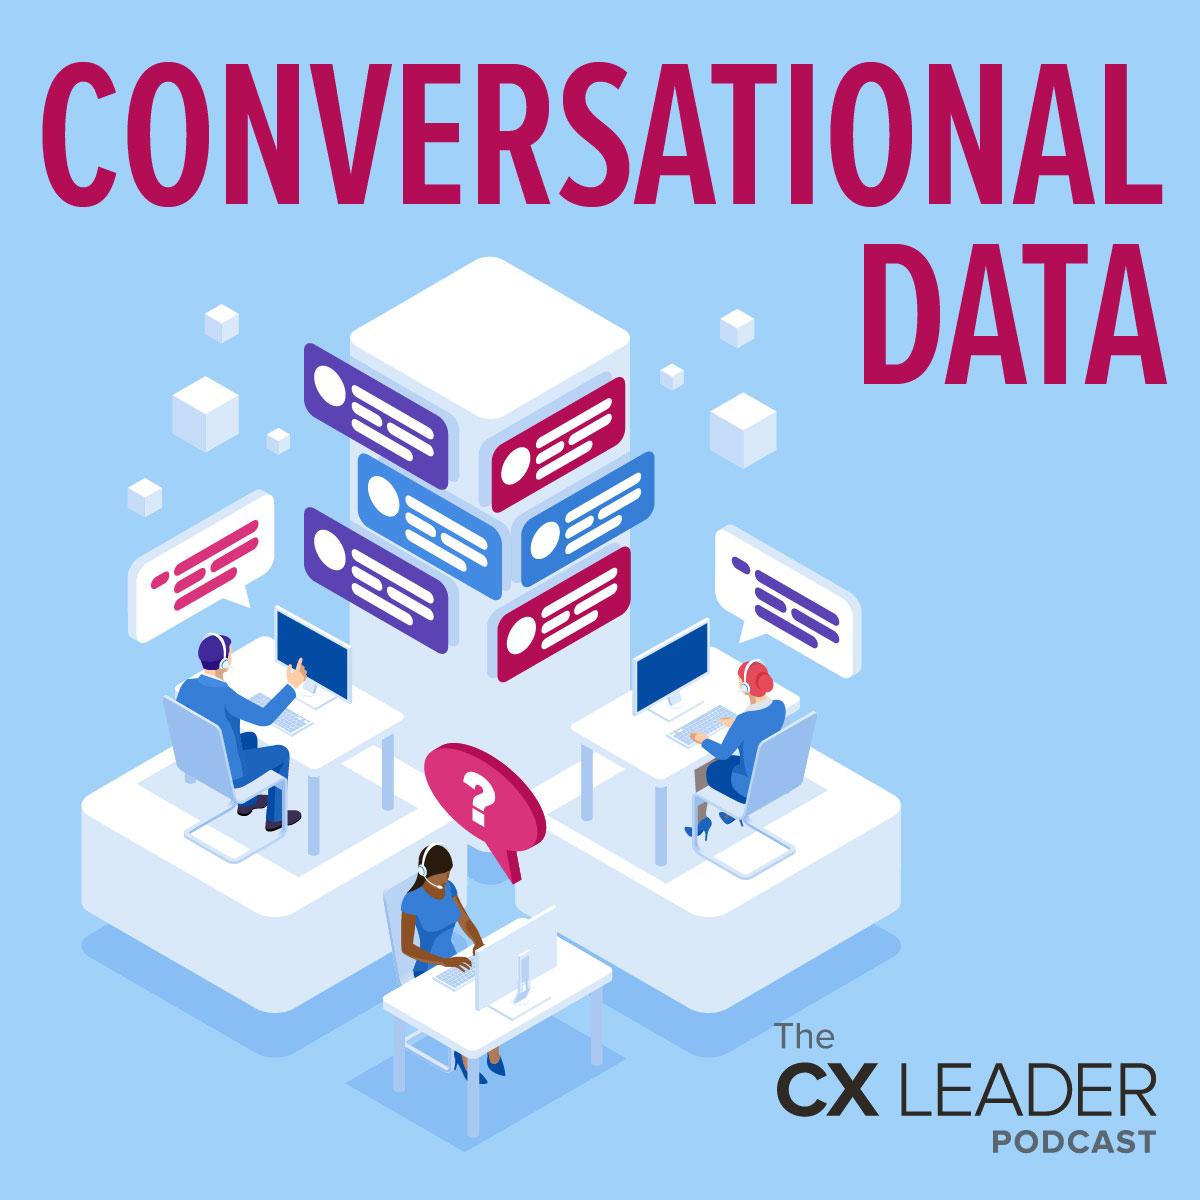 Conversational Data